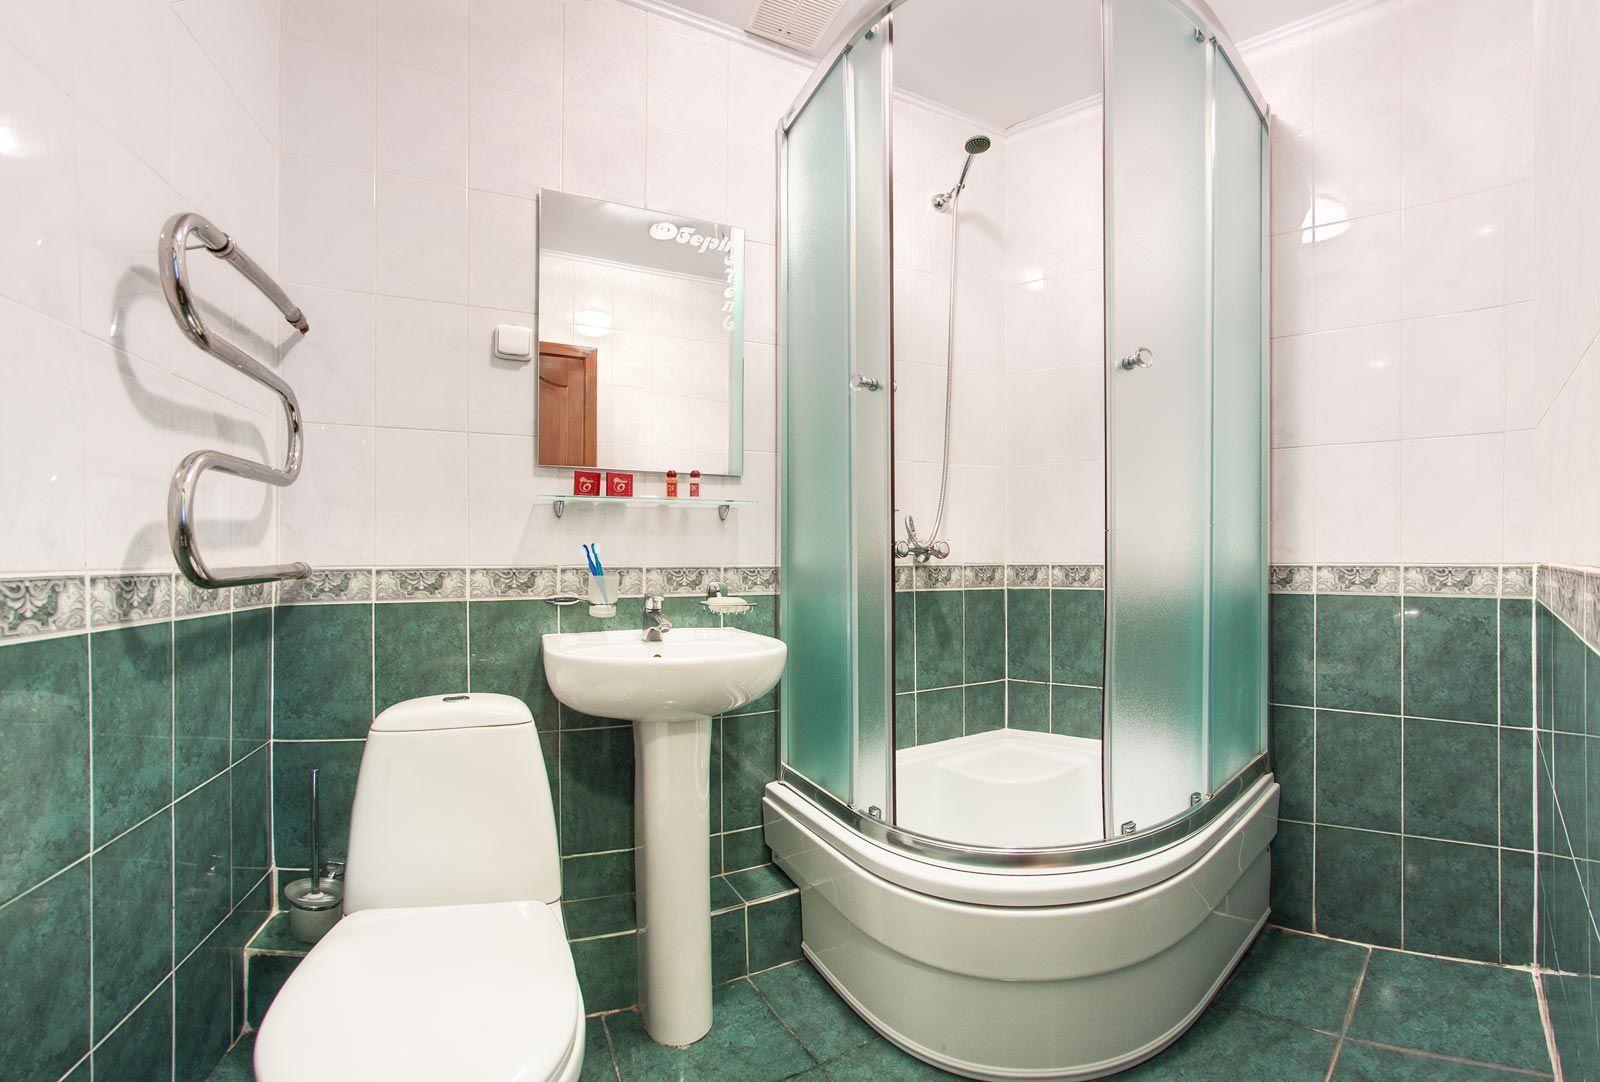 Ванная комната номера двухместный стандарт гостиницы Киева Обериг. Подробнее на официальном сайте гостиницы: http://www.oberighotel.kiev.ua